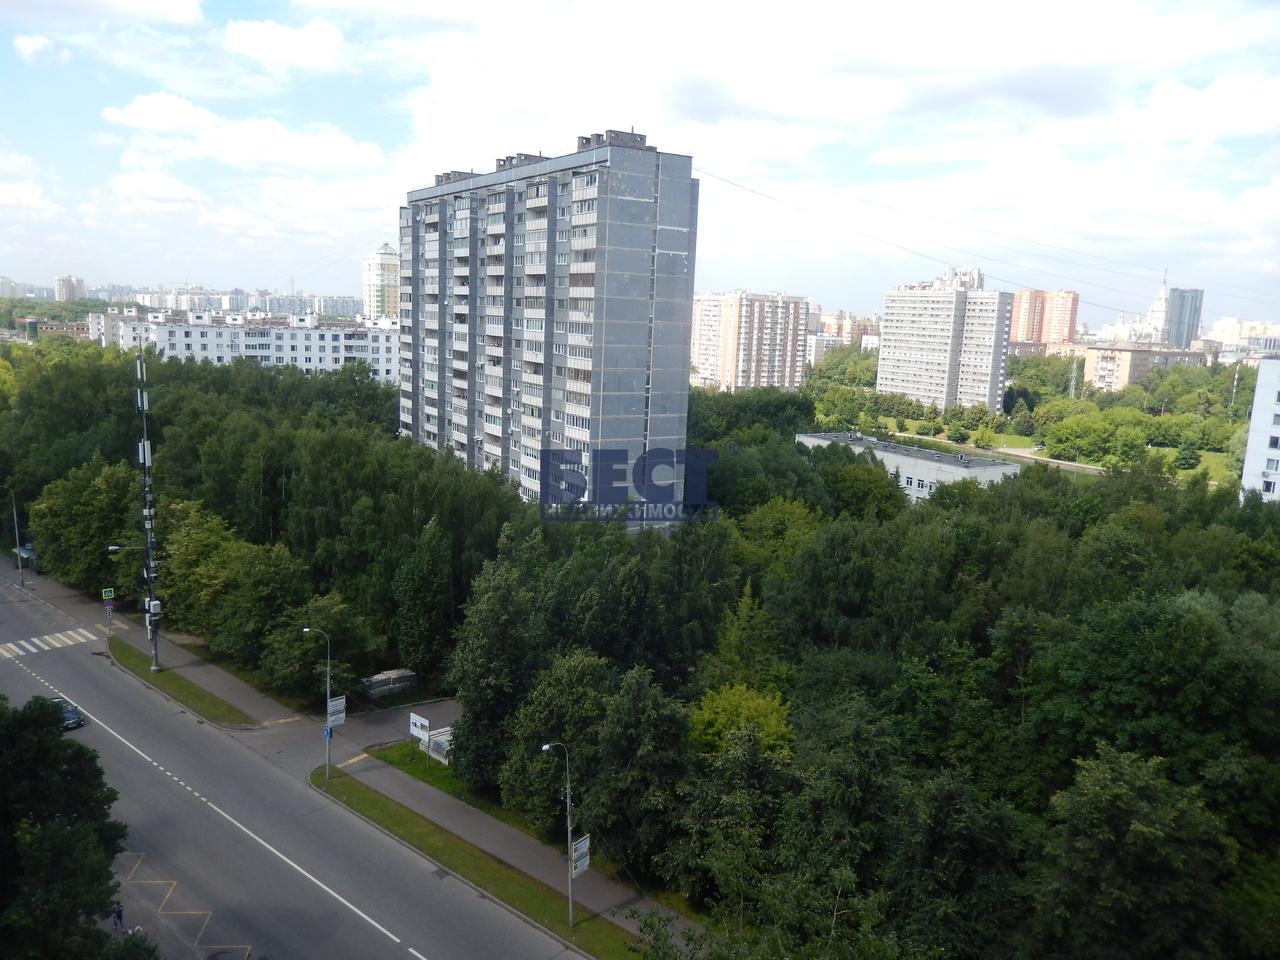 Документы для кредита в москве Вернадского проспект исправить кредитную историю 9 Мая улица